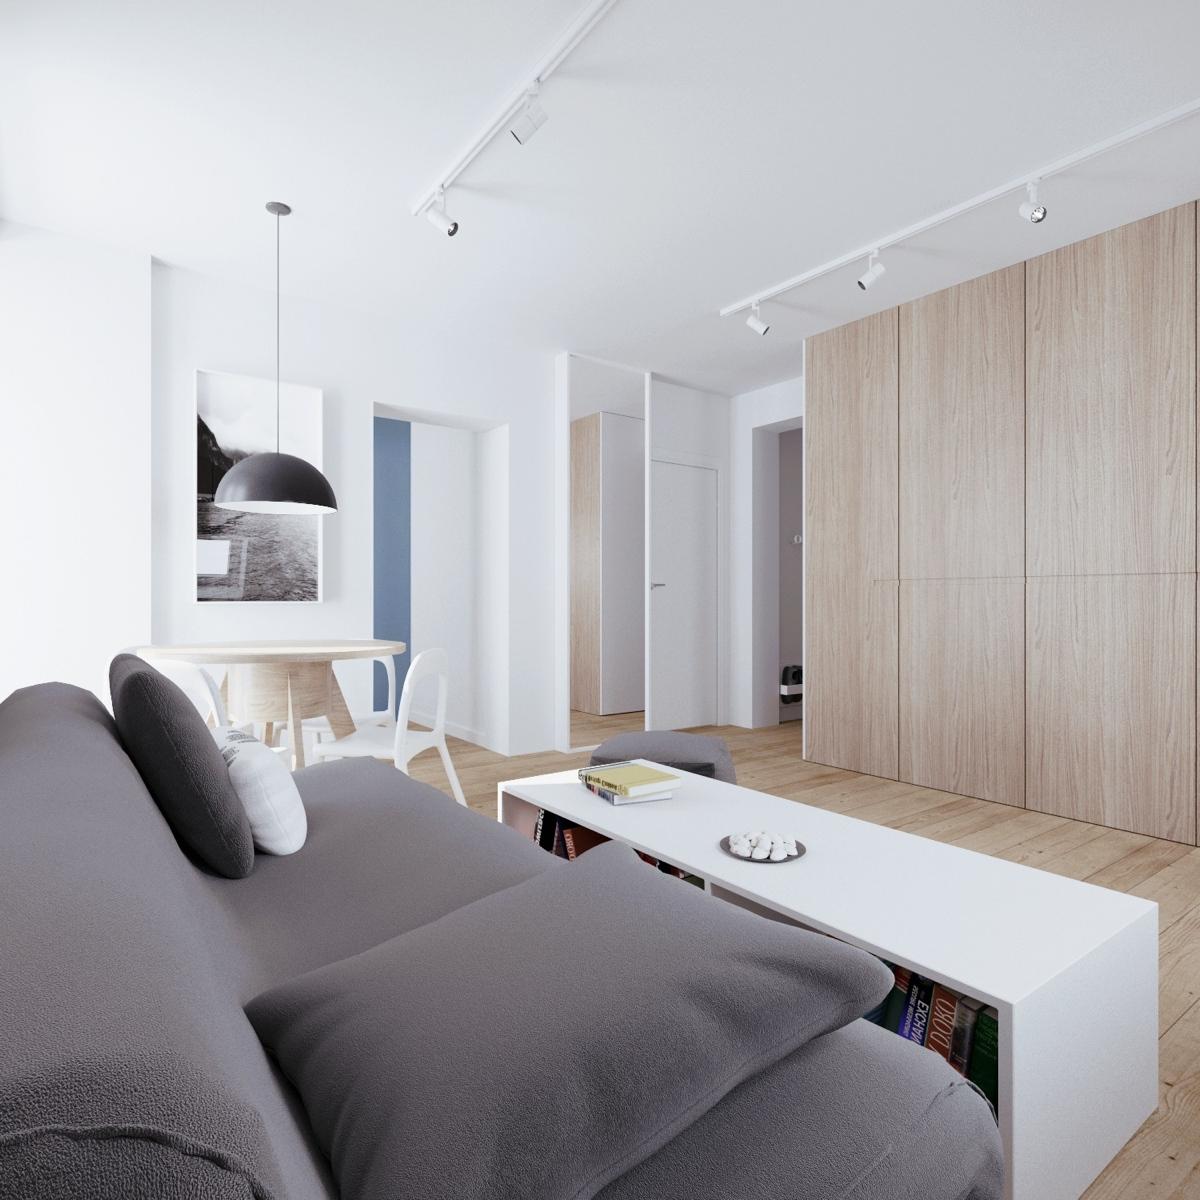 Minimalis apartment interior design ideas